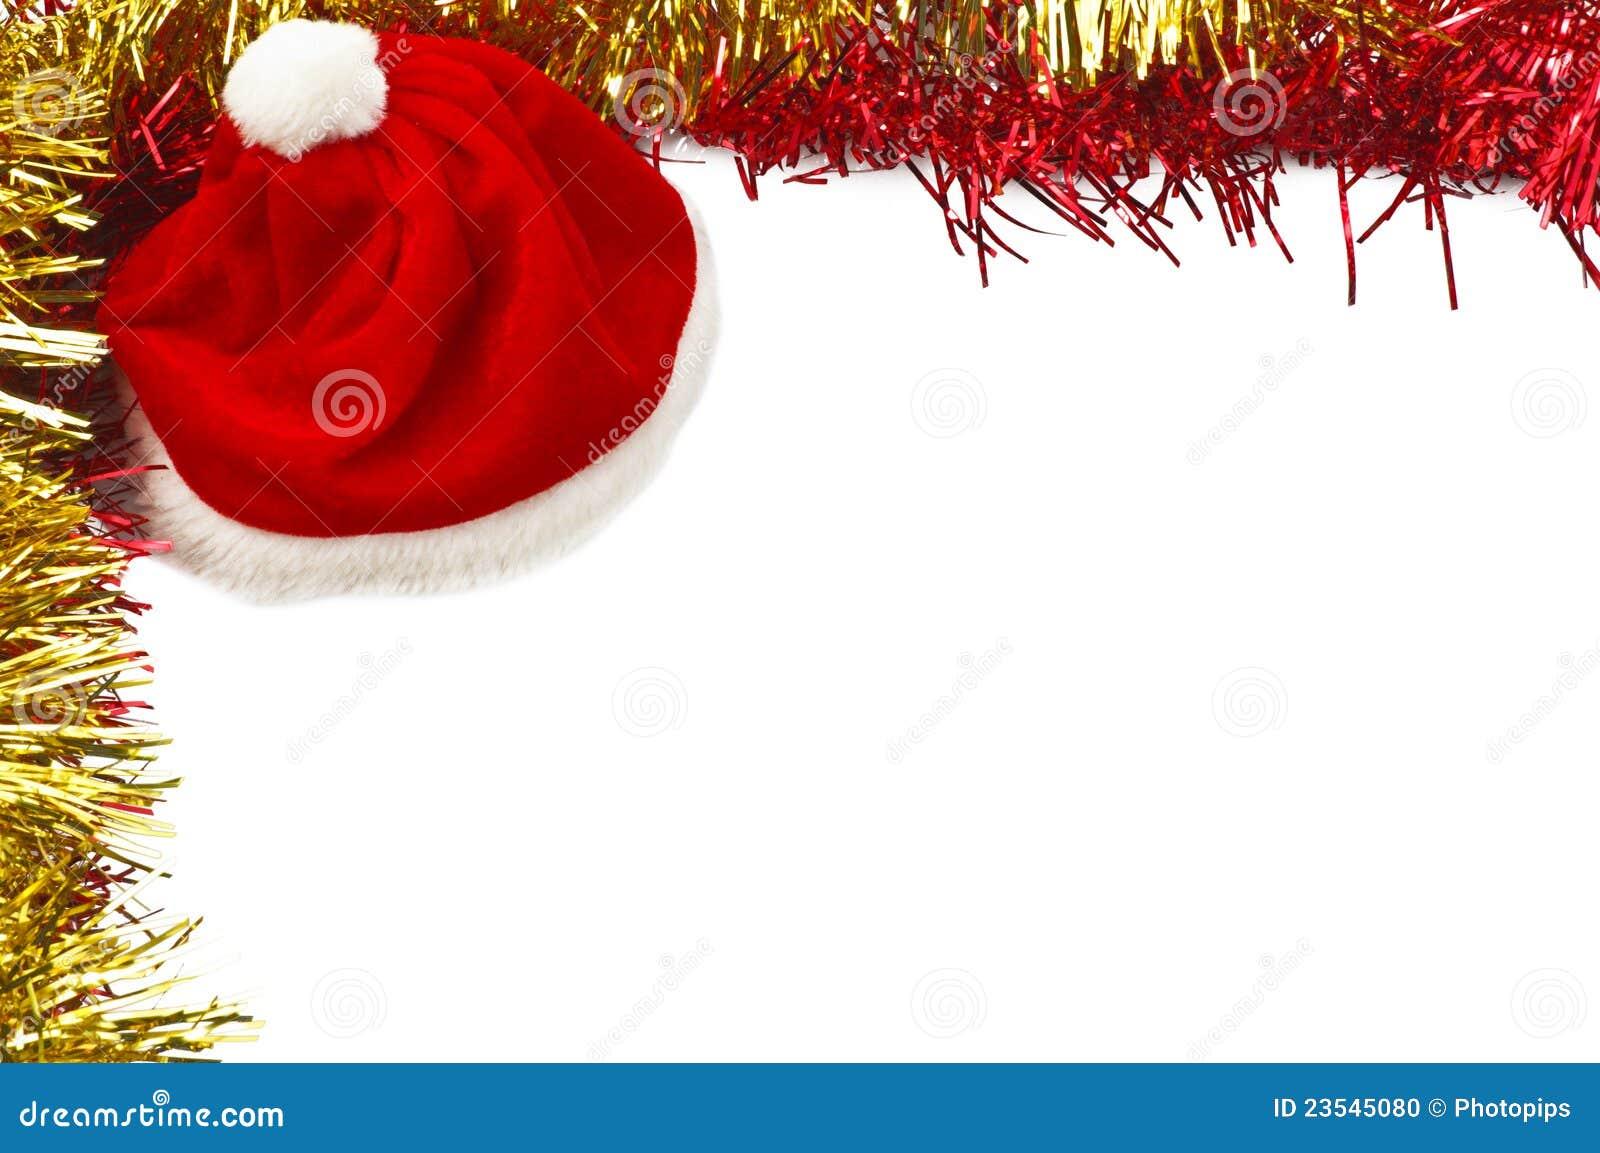 Christmas Card Stock Photo - Image: 23545080